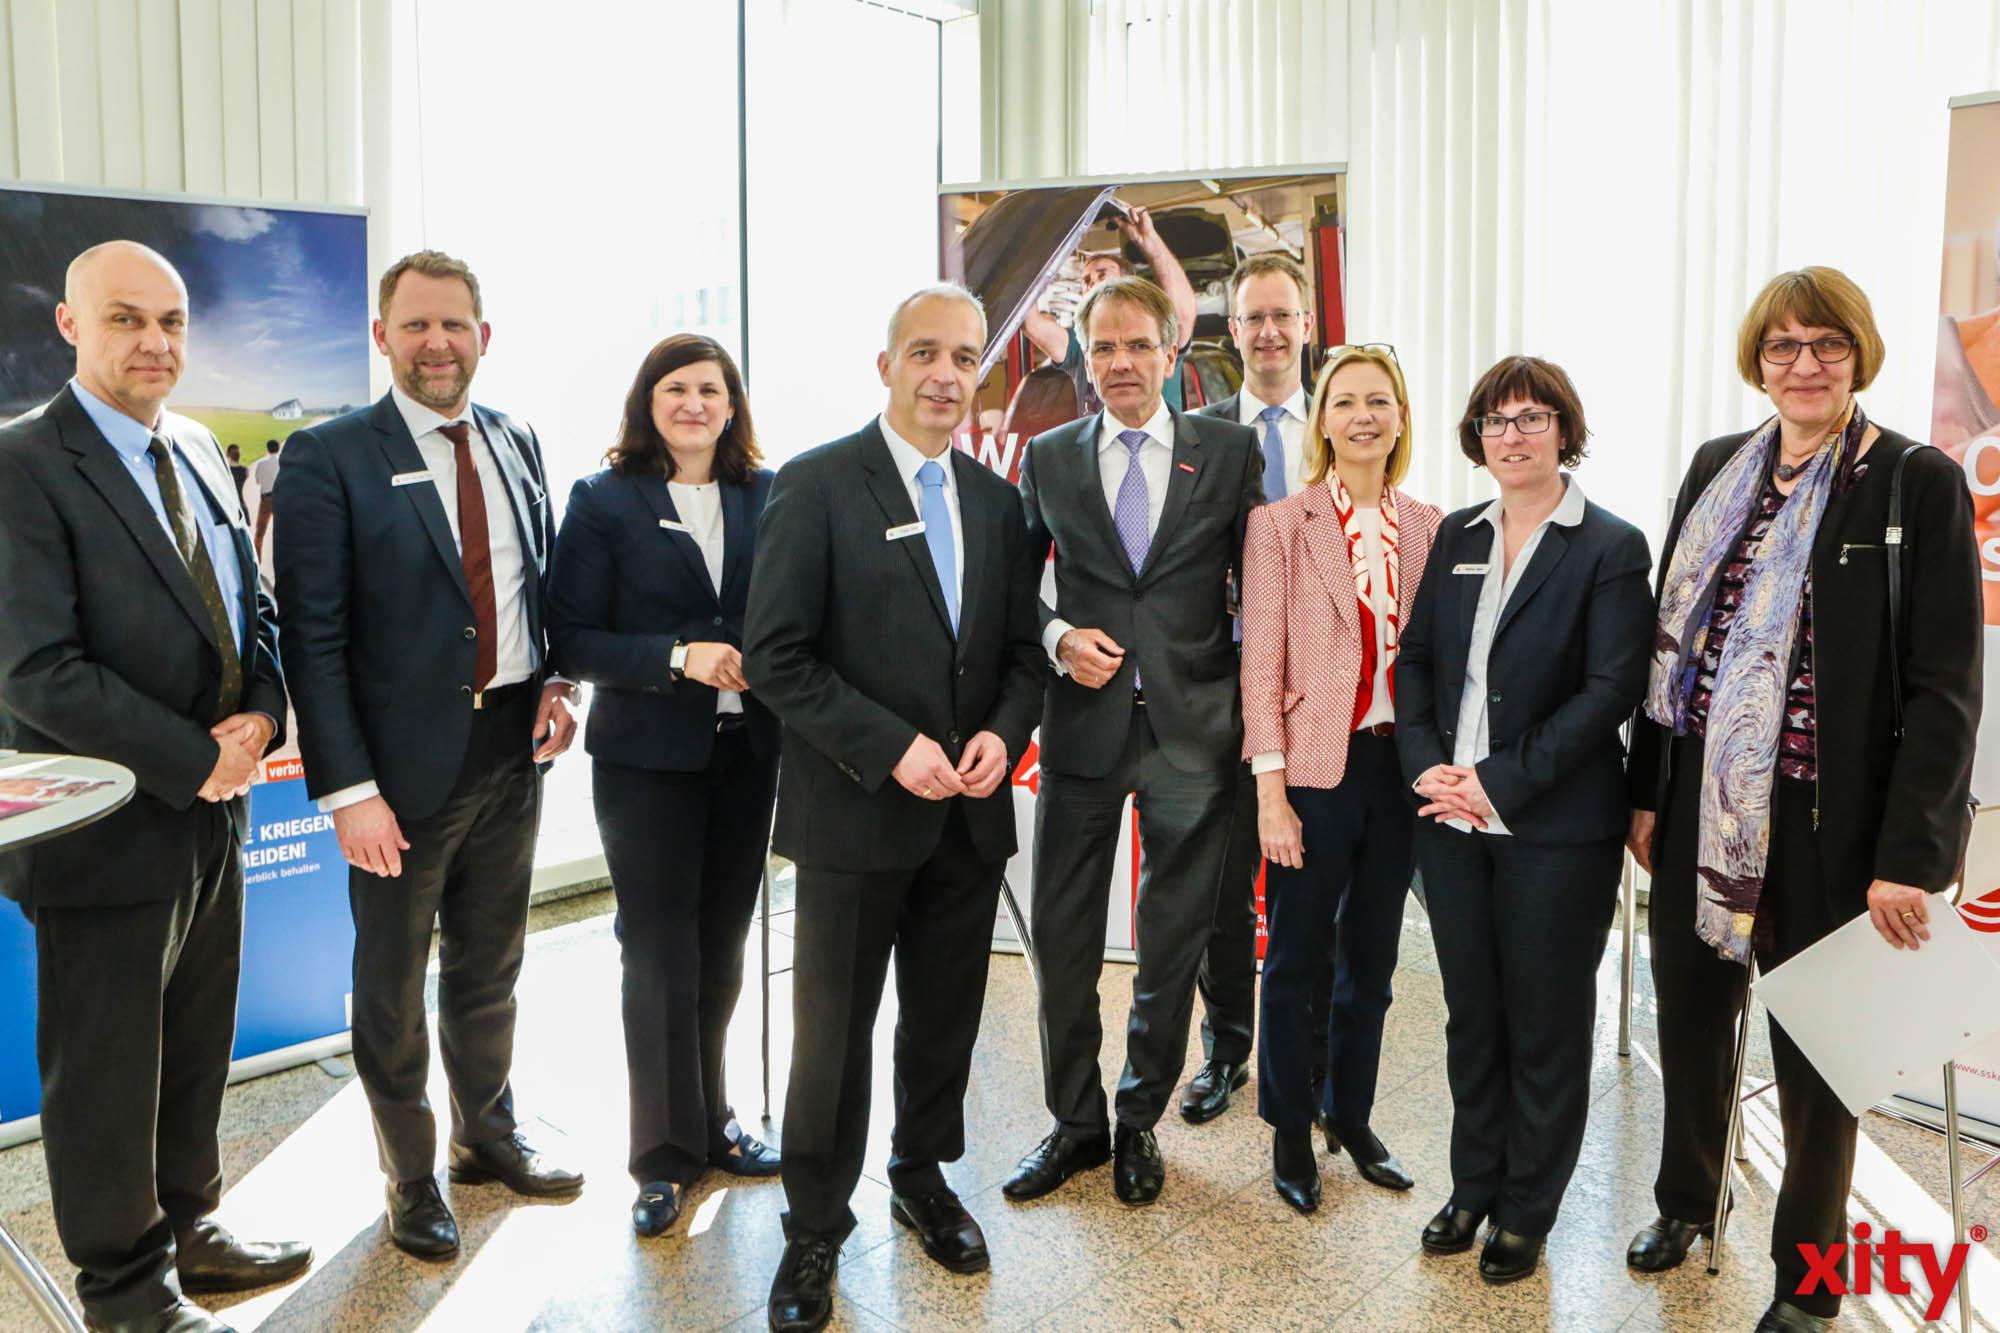 Kammer-Präsident Andreas Ehlert wollte wissen, was die Kernbotschaft ist(Foto: xity)